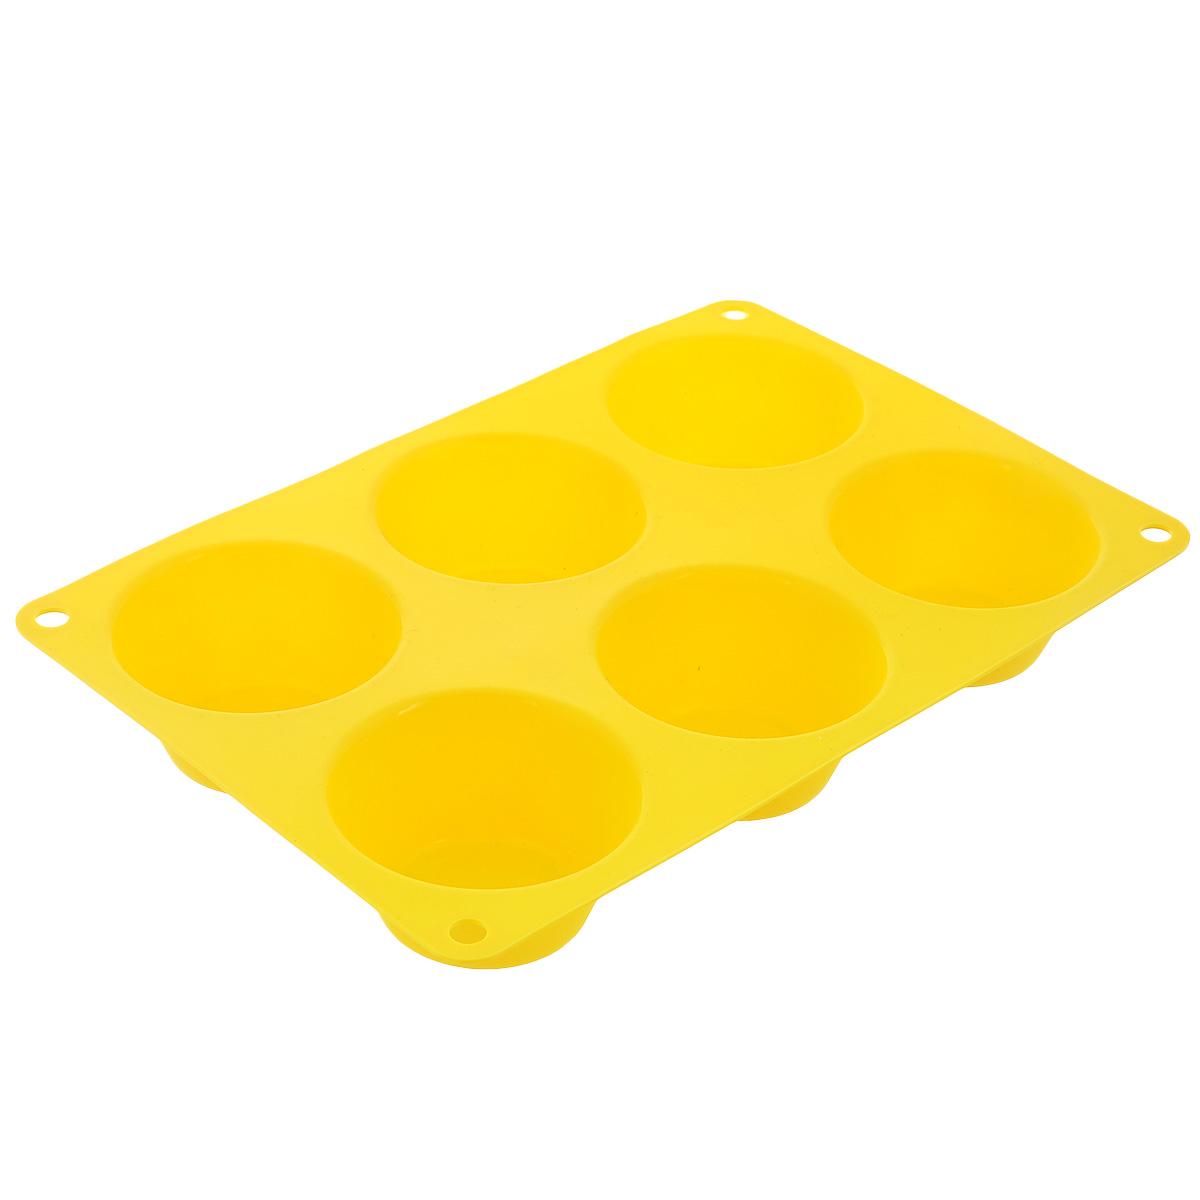 Форма для выпечки маффинов Taller, цвет: желтый, 6 ячеекTR-6200Форма Taller будет отличным выбором для всех любителей выпечки. Благодаря тому, что форма изготовлена из силикона, готовую выпечку или мармелад вынимать легко и просто. Изделие выполнено в форме прямоугольника, внутри которого расположены 6 круглых ячеек. Форма прекрасно подойдет для выпечки маффинов. С такой формой вы всегда сможете порадовать своих близких оригинальной выпечкой. Материал изделия устойчив к фруктовым кислотам, может быть использован в духовках, микроволновых печах, холодильниках и морозильных камерах (выдерживает температуру от -20°C до 220°C). Антипригарные свойства материала позволяют готовить без использования масла. Можно мыть и сушить в посудомоечной машине. При работе с формой используйте кухонный инструмент из силикона - кисти, лопатки, скребки. Не ставьте форму на электрическую конфорку. Не разрезайте выпечку прямо в форме. Количество ячеек: 6 шт. Общий размер формы: 24 см х 16,5 см х 3,5 см. Диаметр ячейки: 7 см. ...